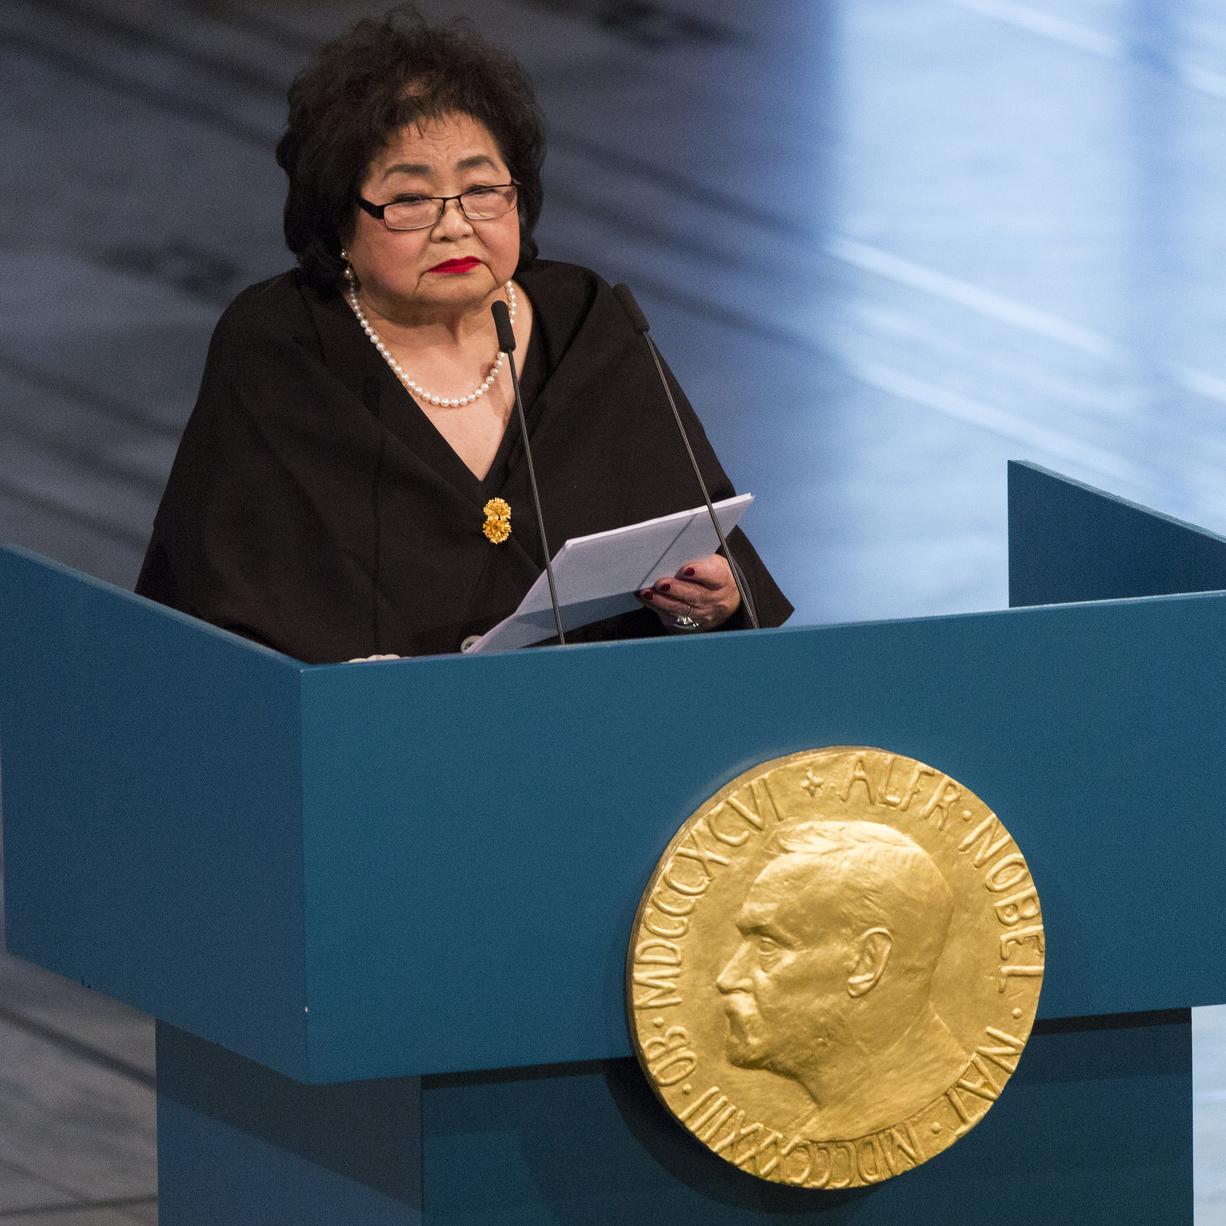 Setsuko Thurlow: Nobel Peace Prize Acceptance Speech